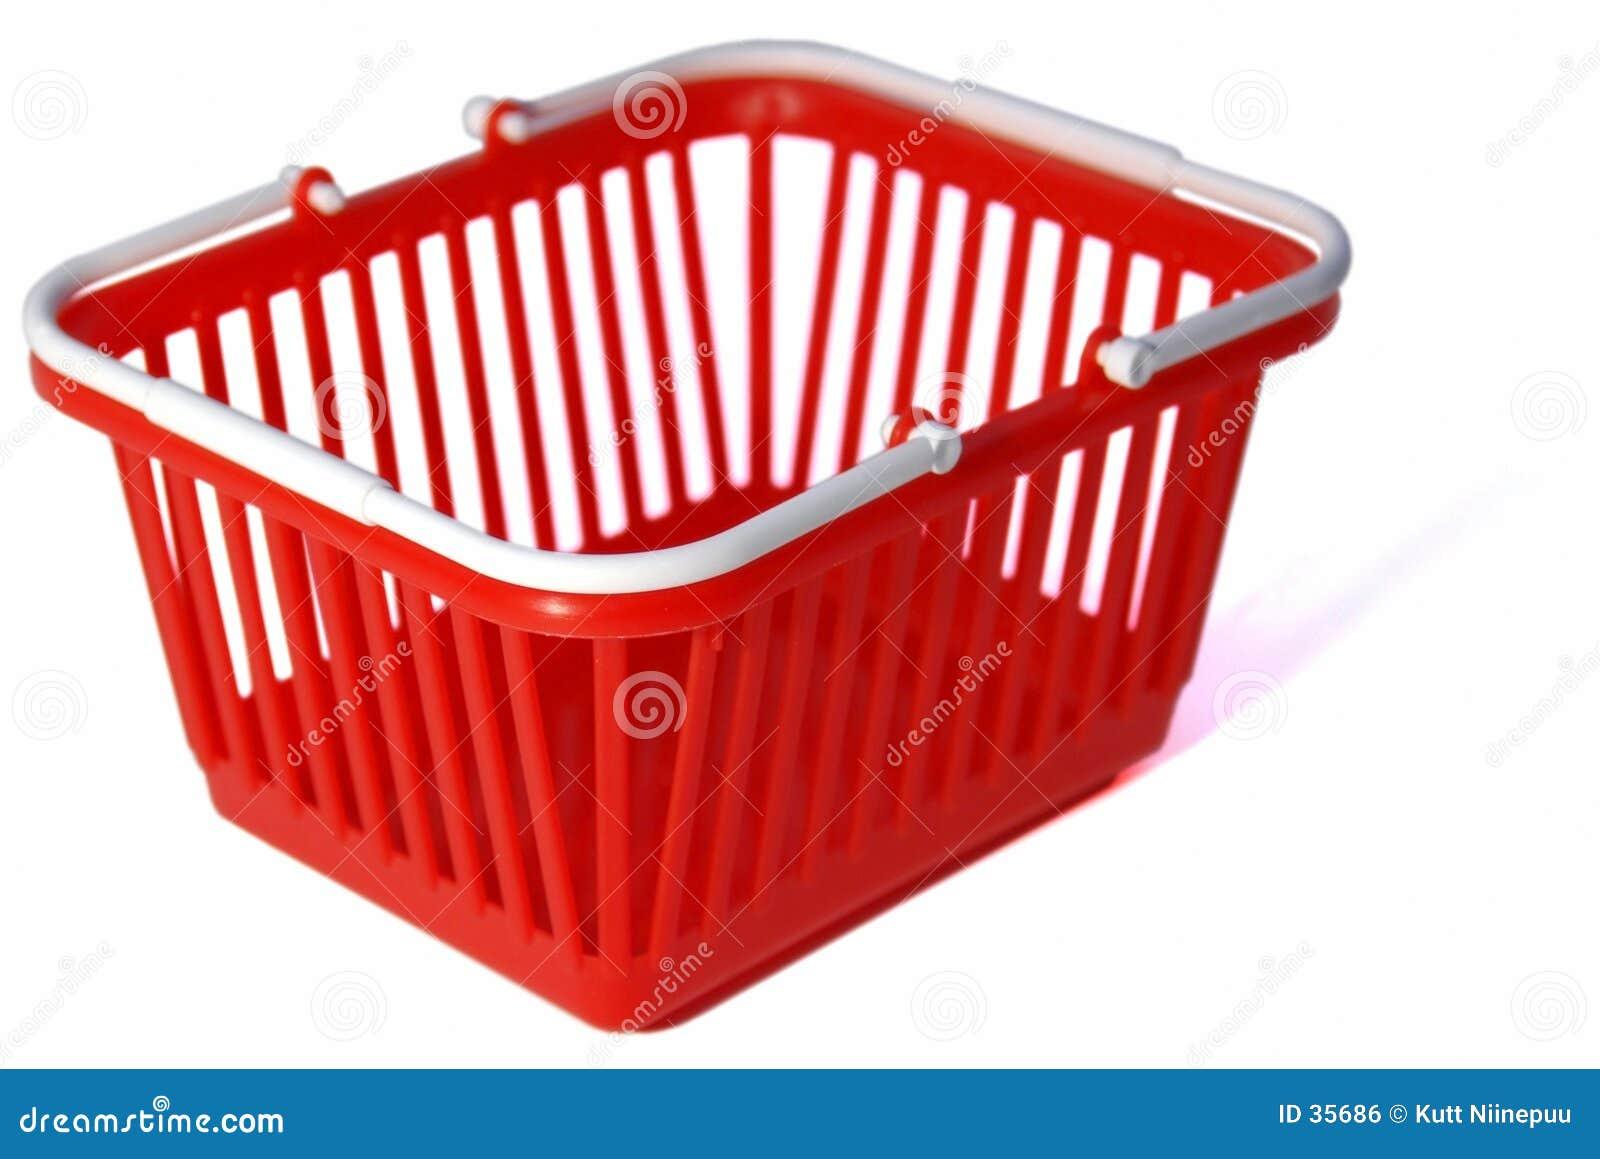 Brinque a cesta de compra